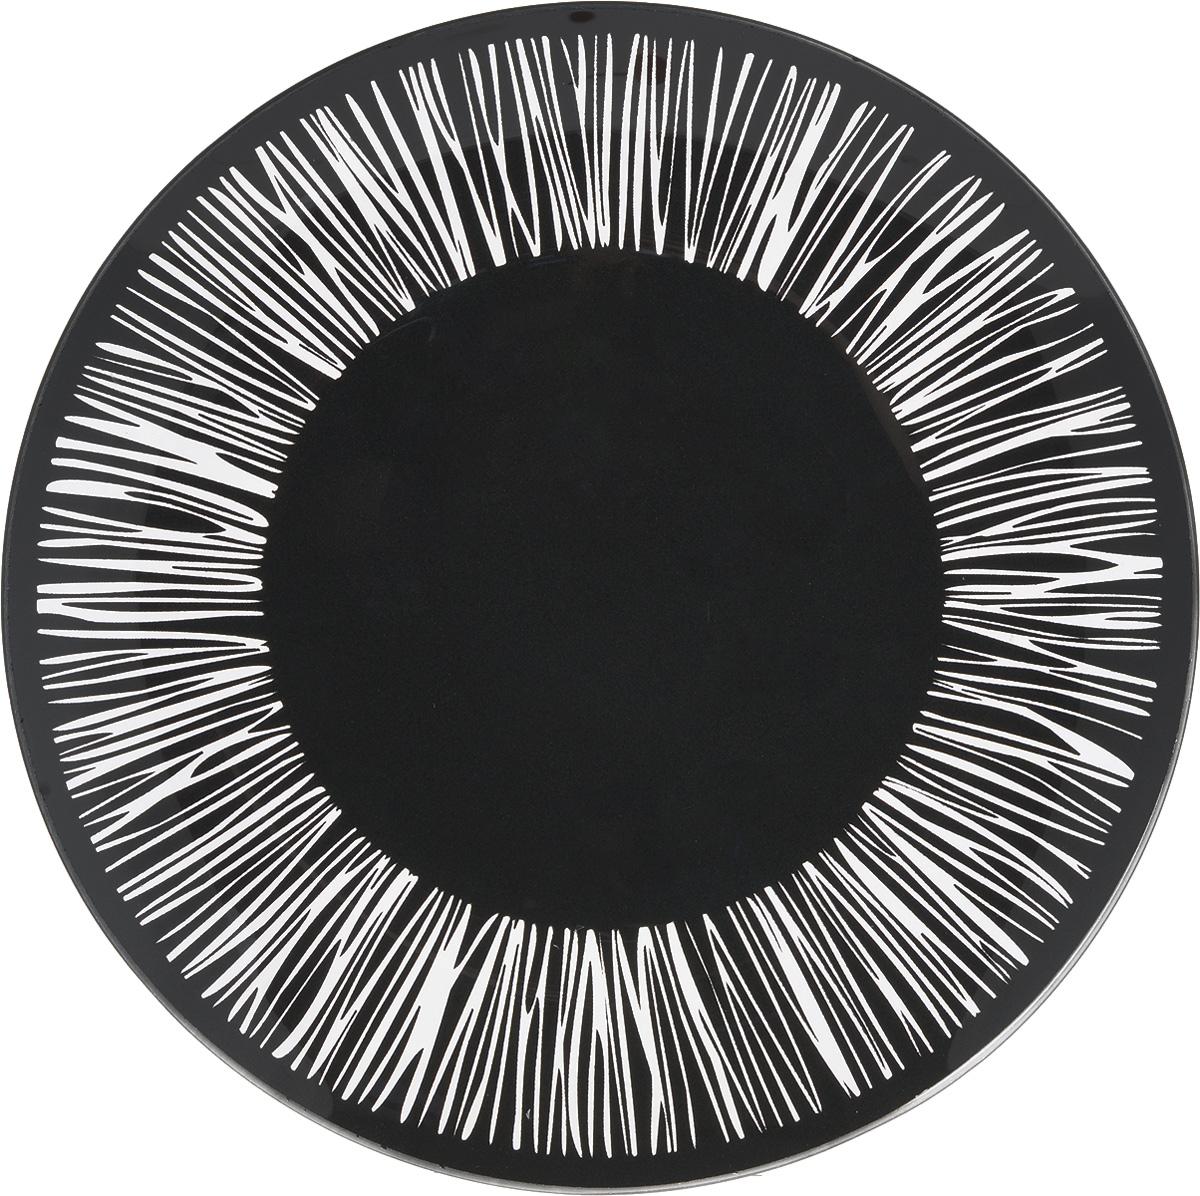 Тарелка NiNaGlass Витас, цвет: черный, диаметр 26 см85-260-016/чернТарелка NiNaGlass Витас изготовлена извысококачественного стекла. Изделие декорированооригинальным дизайном. Такая тарелка отлично подойдет вкачестве блюда, она идеальна для сервировки закусок,нарезок, горячих блюд. Тарелка прекрасно дополнитсервировку стола и порадует вас оригинальным дизайном. Диаметр тарелки: 26 см. Высота тарелки: 2,5 см.